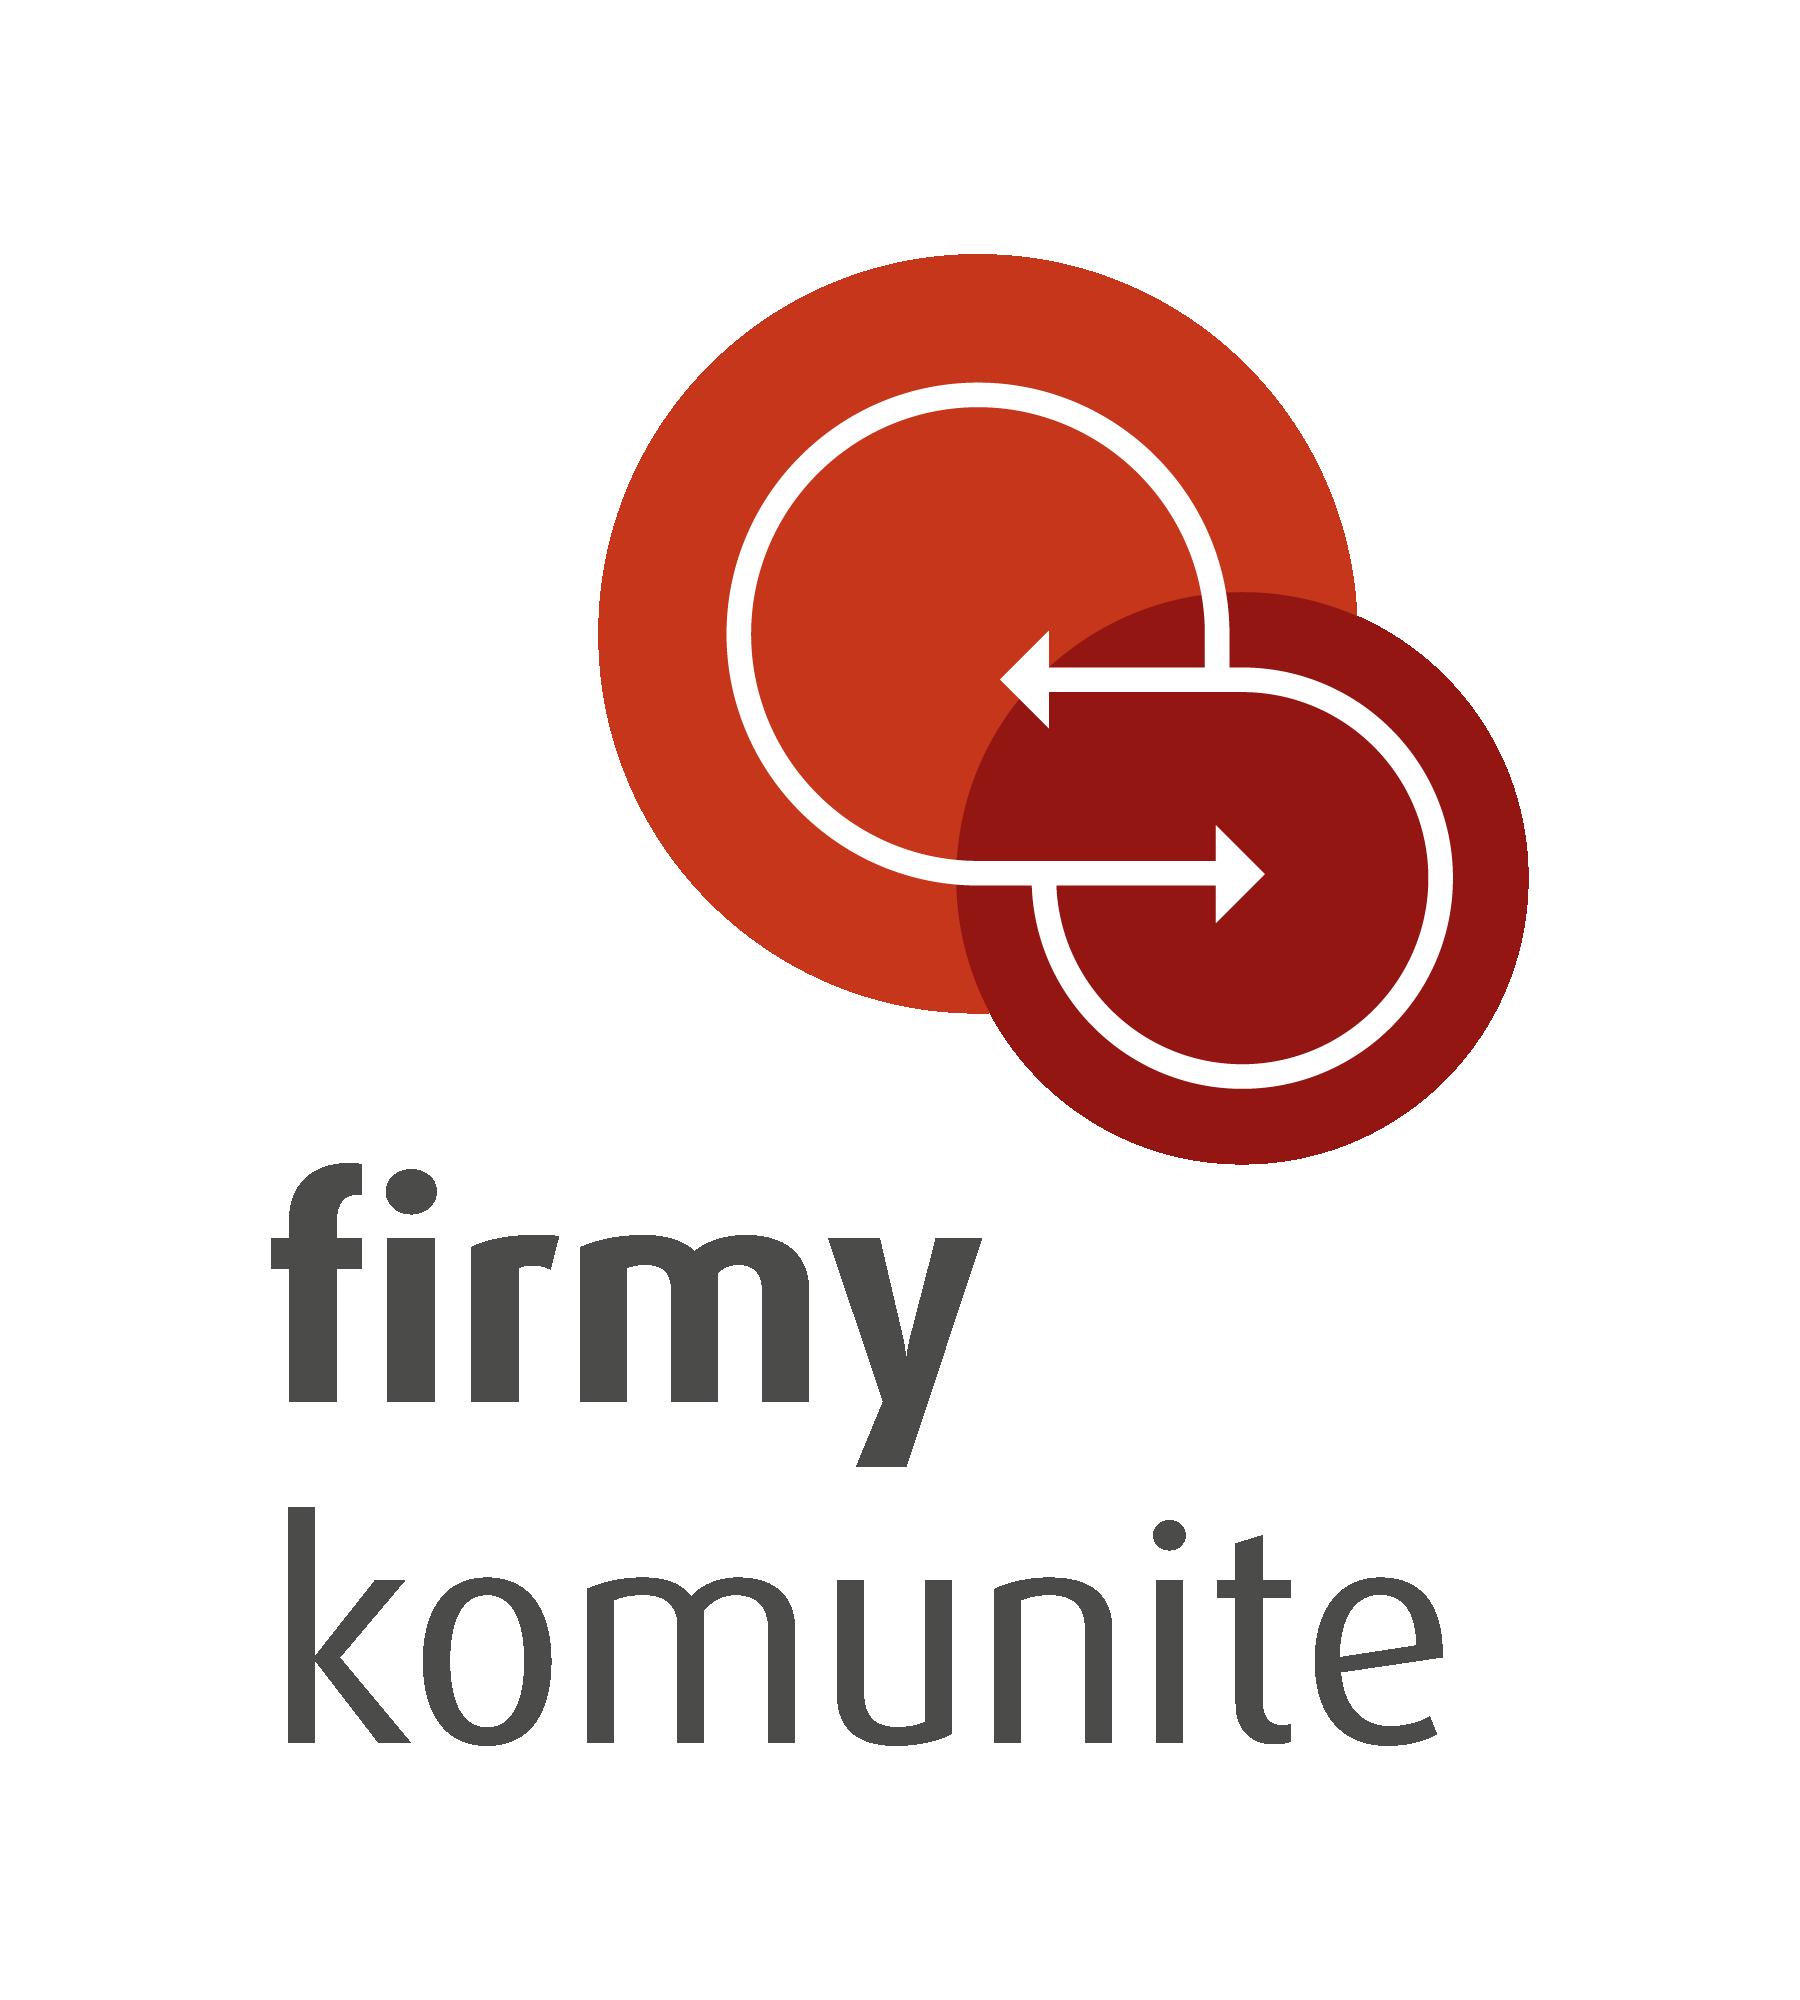 Firmy komunite